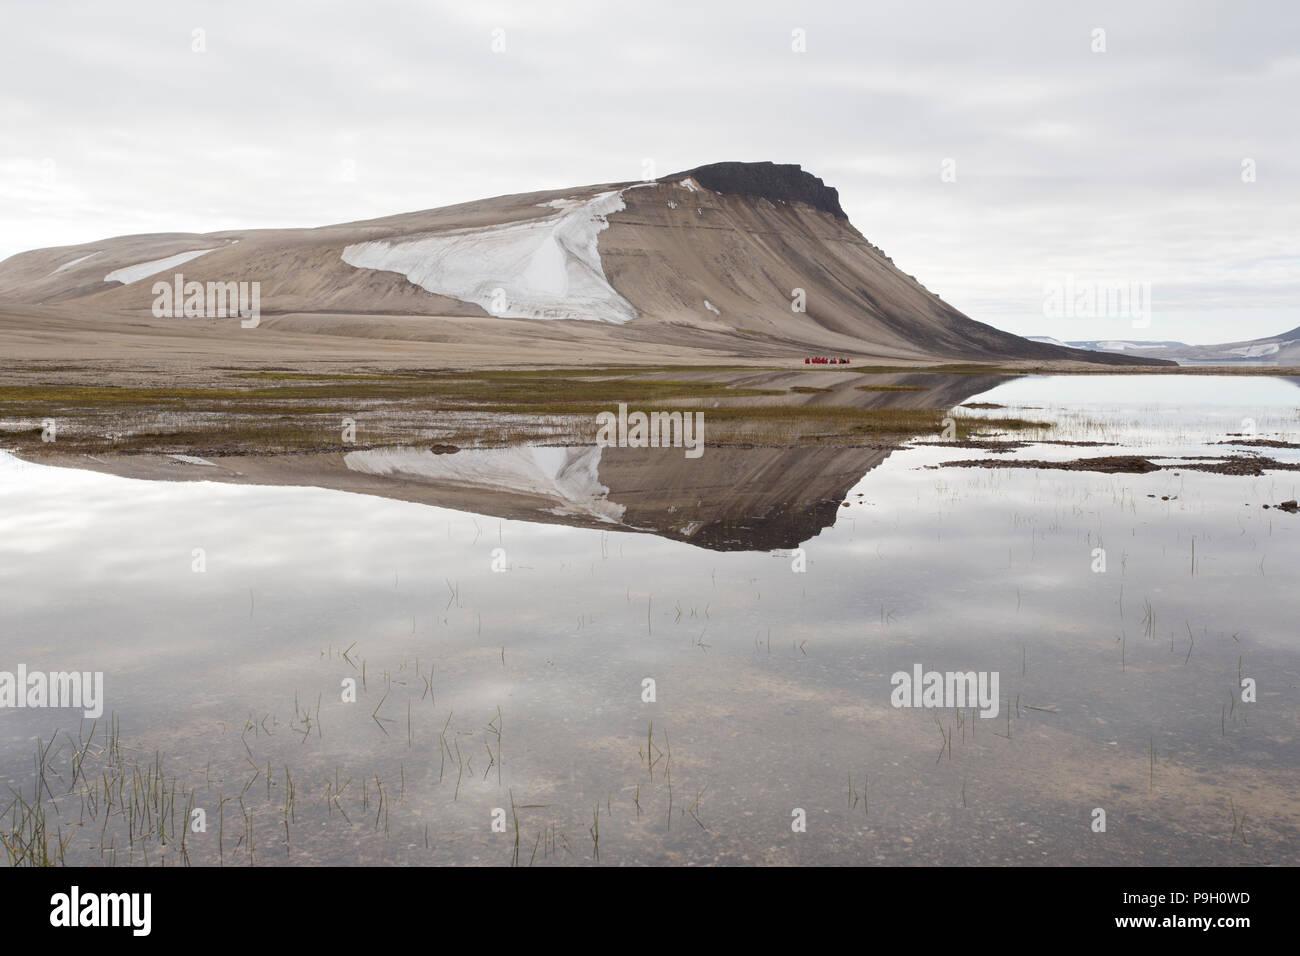 A Polar Desert. Zeipelodden, Svalbard - Stock Image